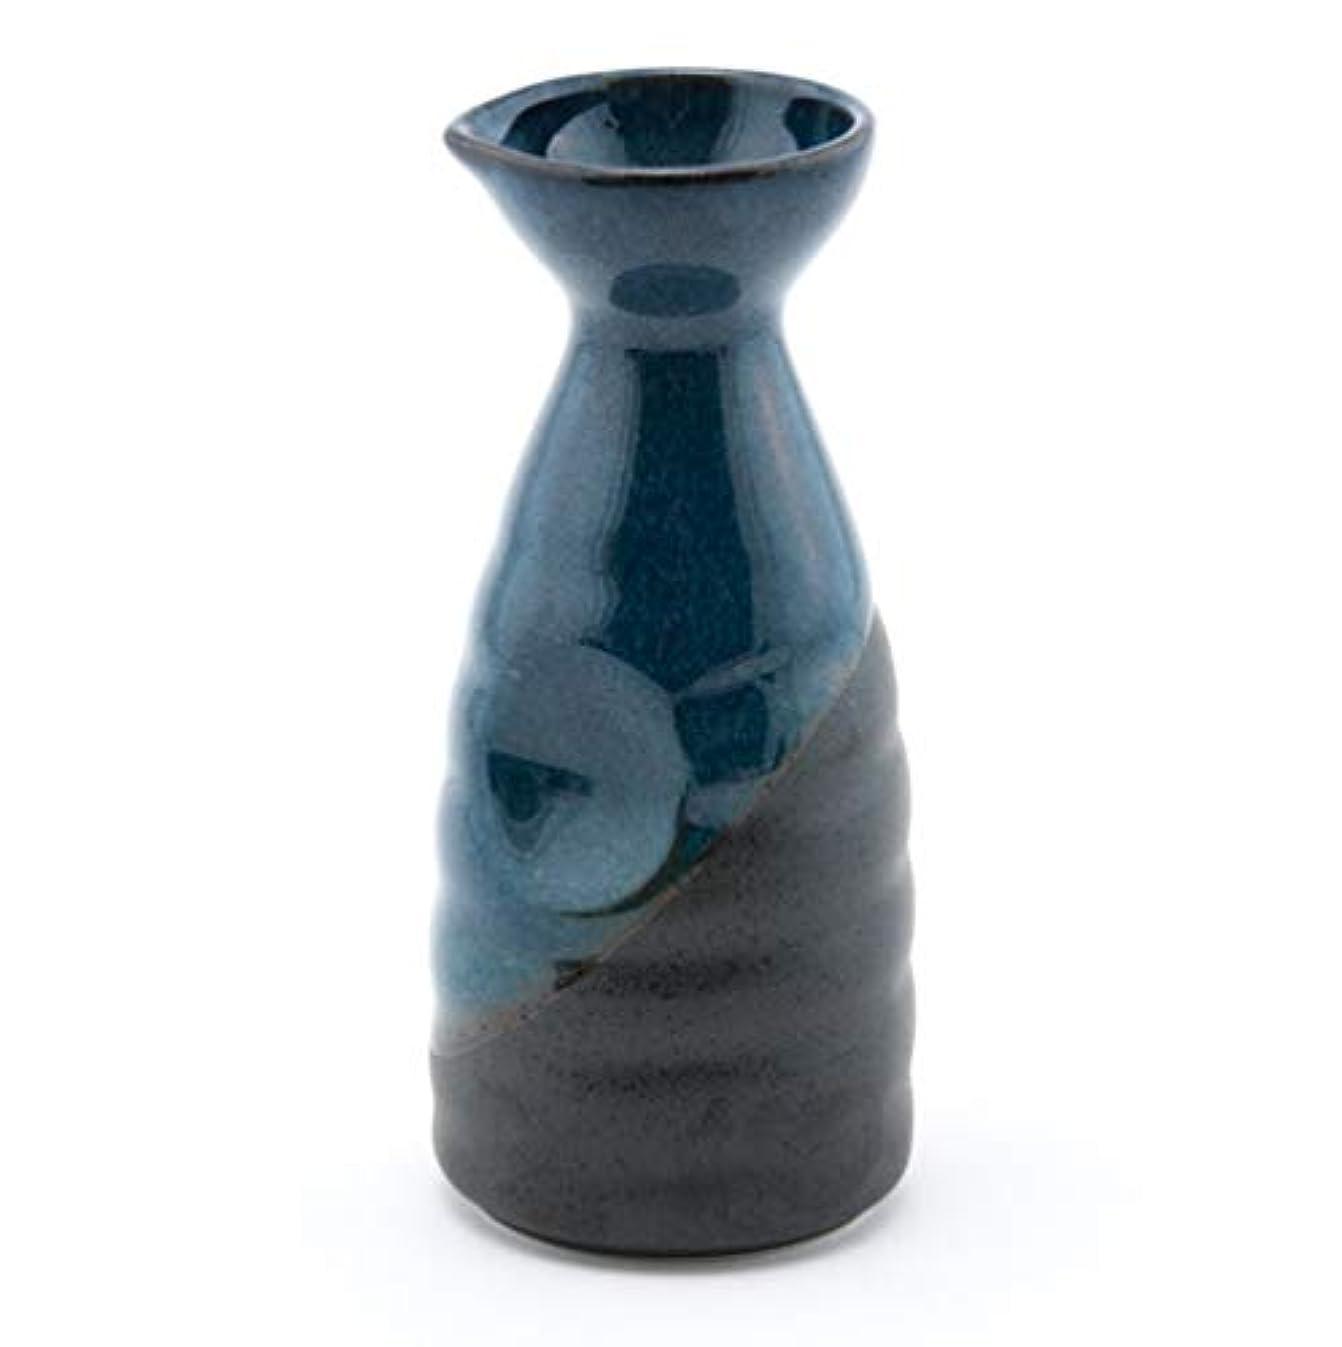 Fuji Merchandise Porcelain Tokkuri Sake Bottle 10 fl oz Japanese Restaurant Supply (Blue Sake Bottle 10oz)